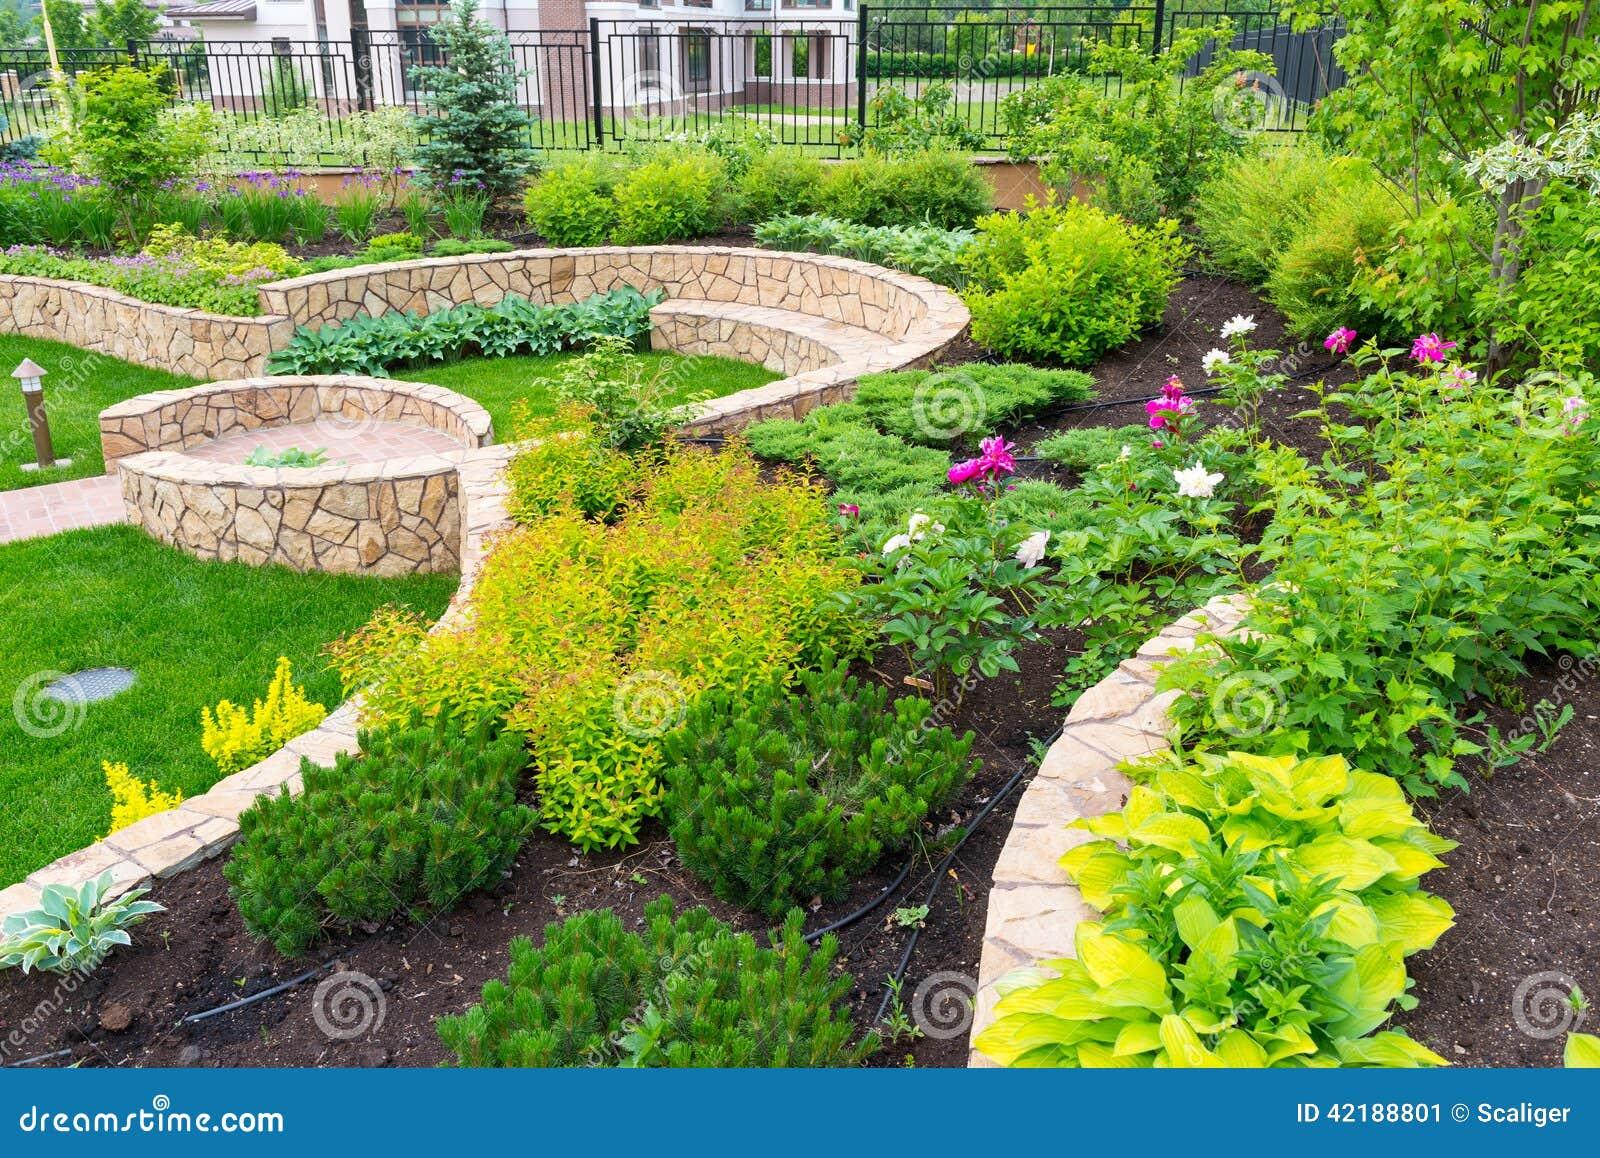 Landschaftsgestaltung  Natürliche Landschaftsgestaltung Im Hausgarten Stockfoto - Bild ...